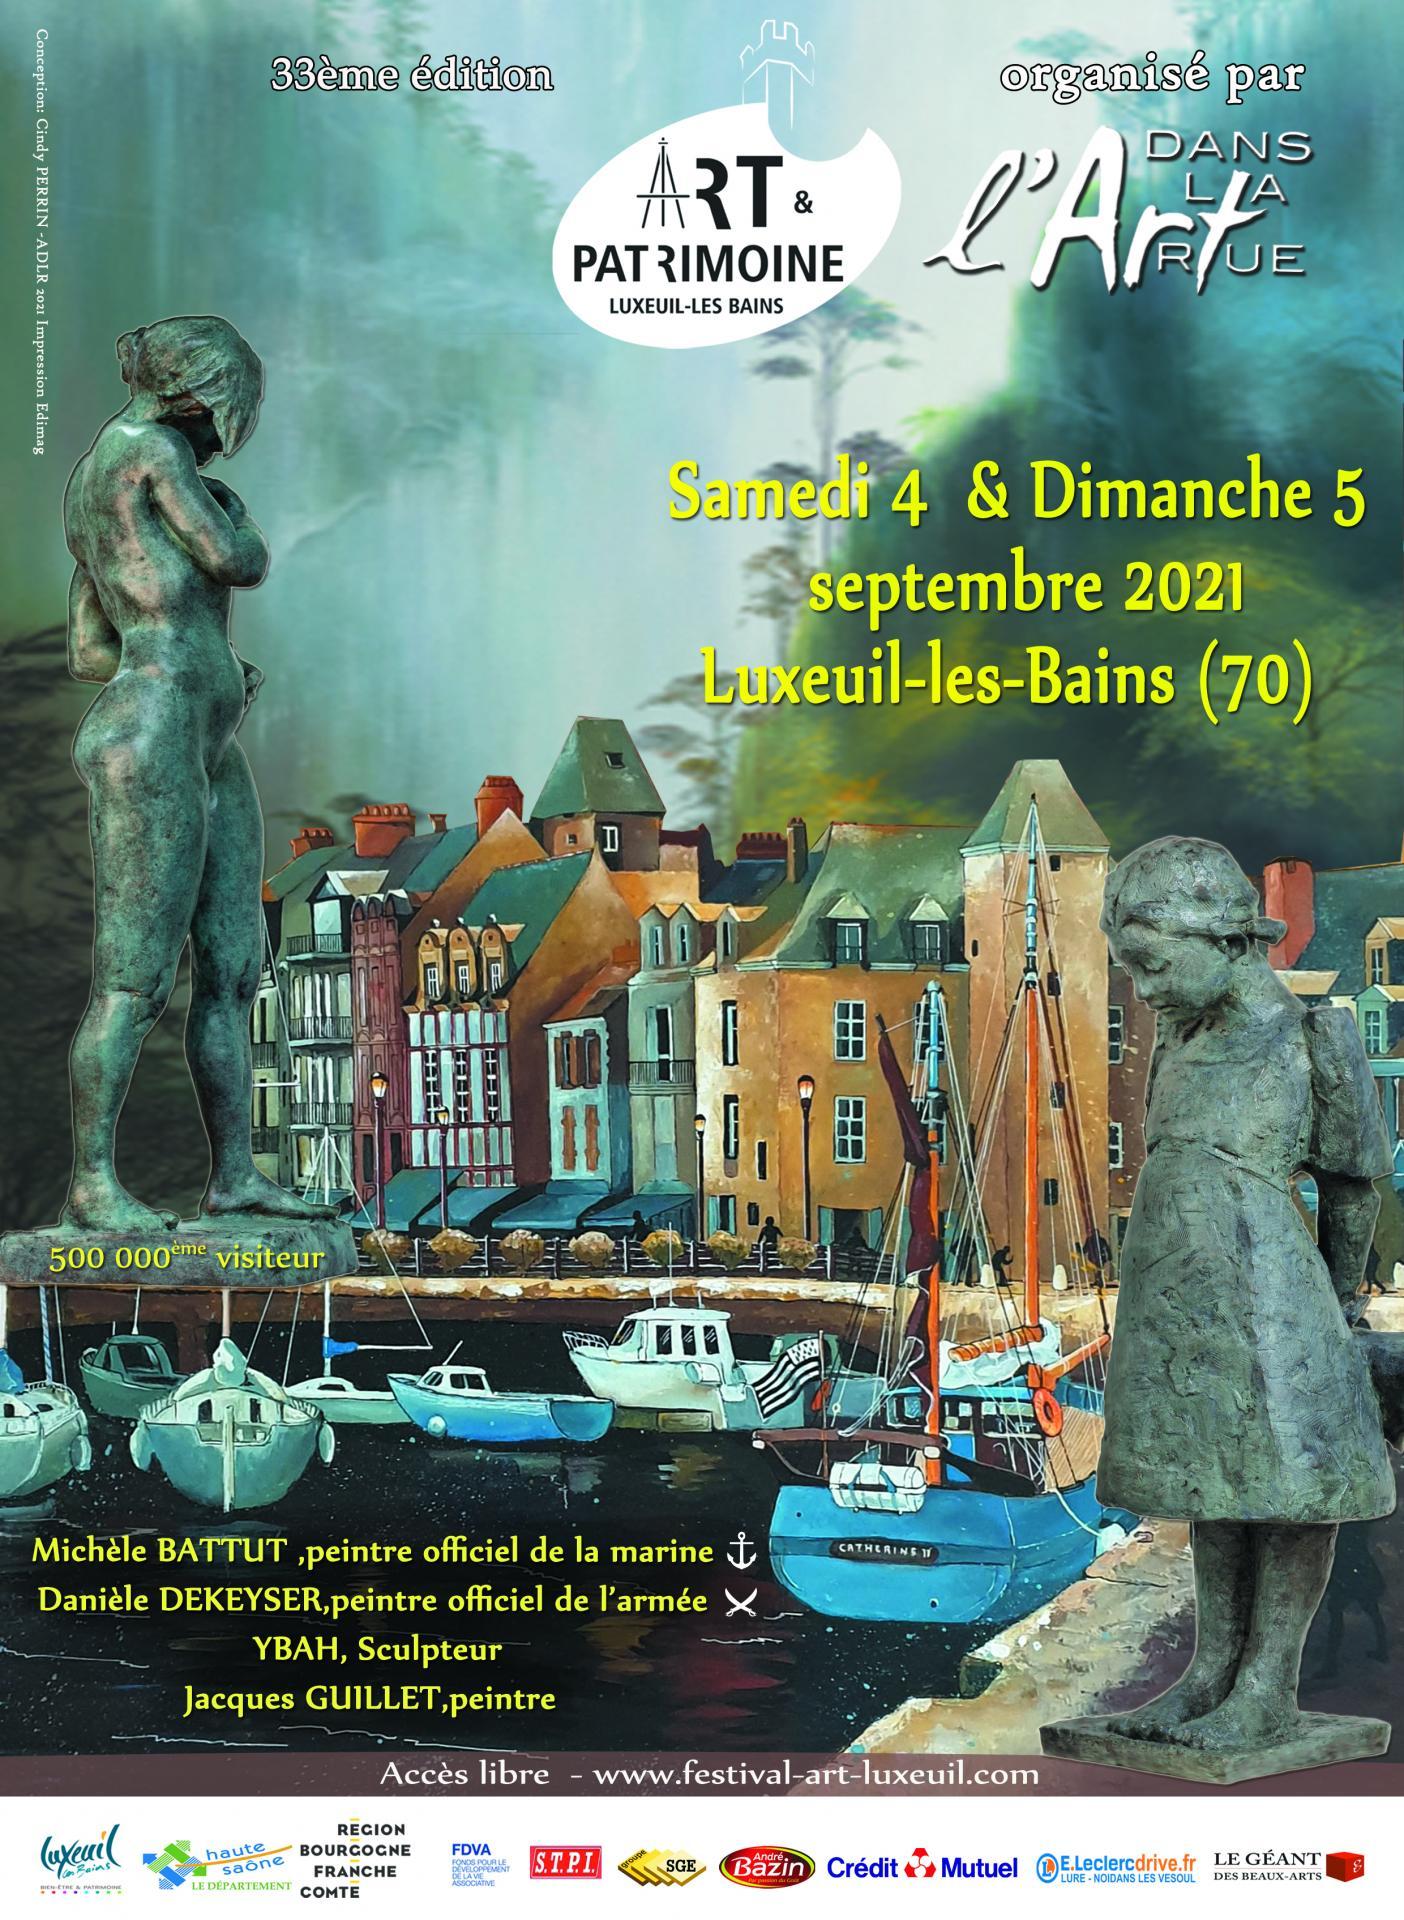 Invité d'honneur Salon Art et Patrimoine 2021 Luxeuil-les-Bains Hte-Saône